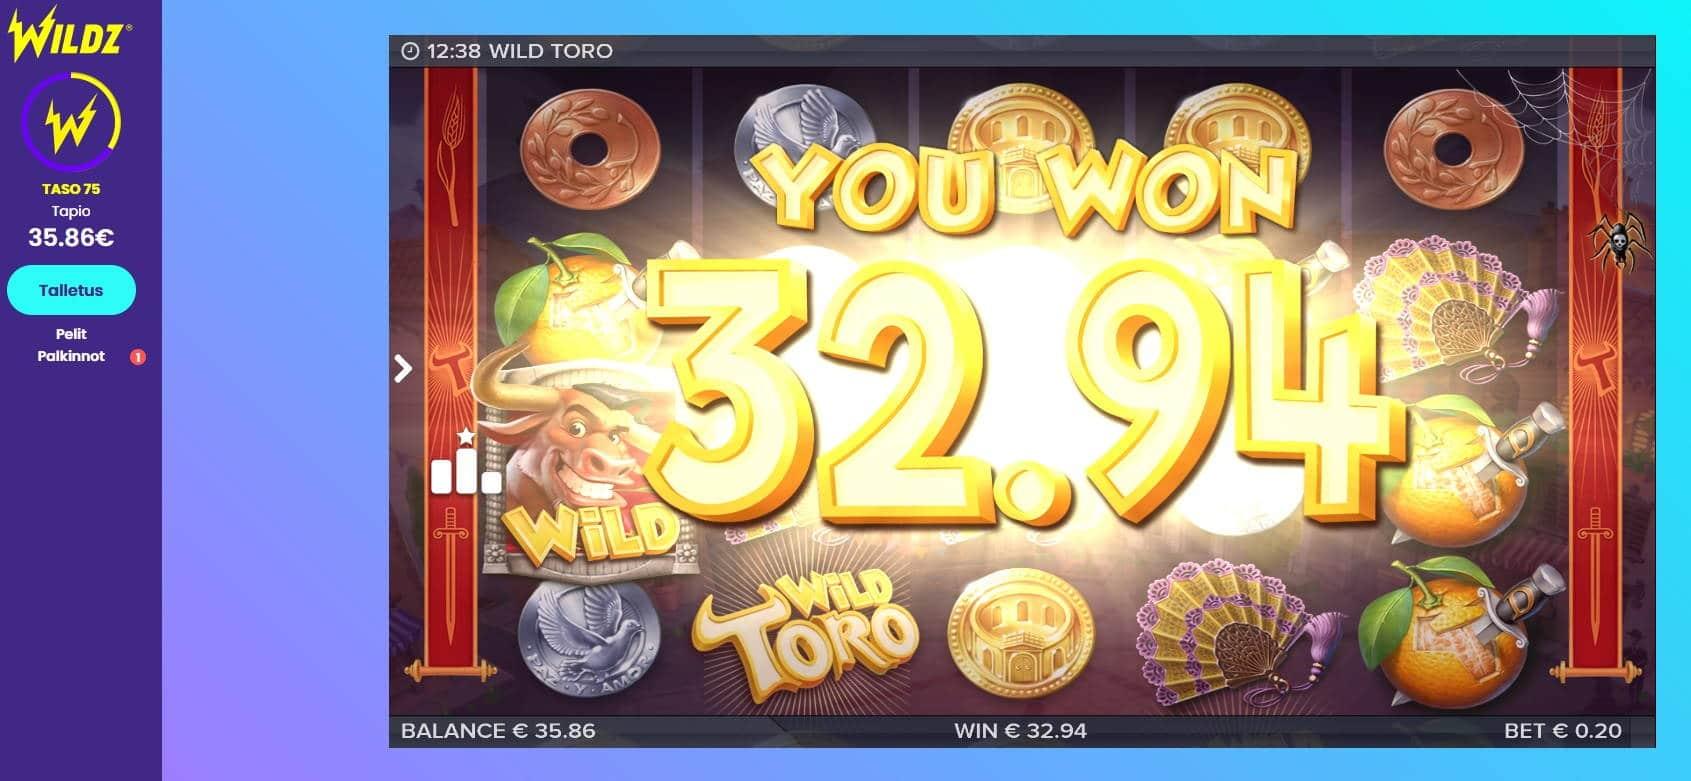 Wild Toro Casino win picture by MrMork666 16.11.2020 32.94e 165X Wildz